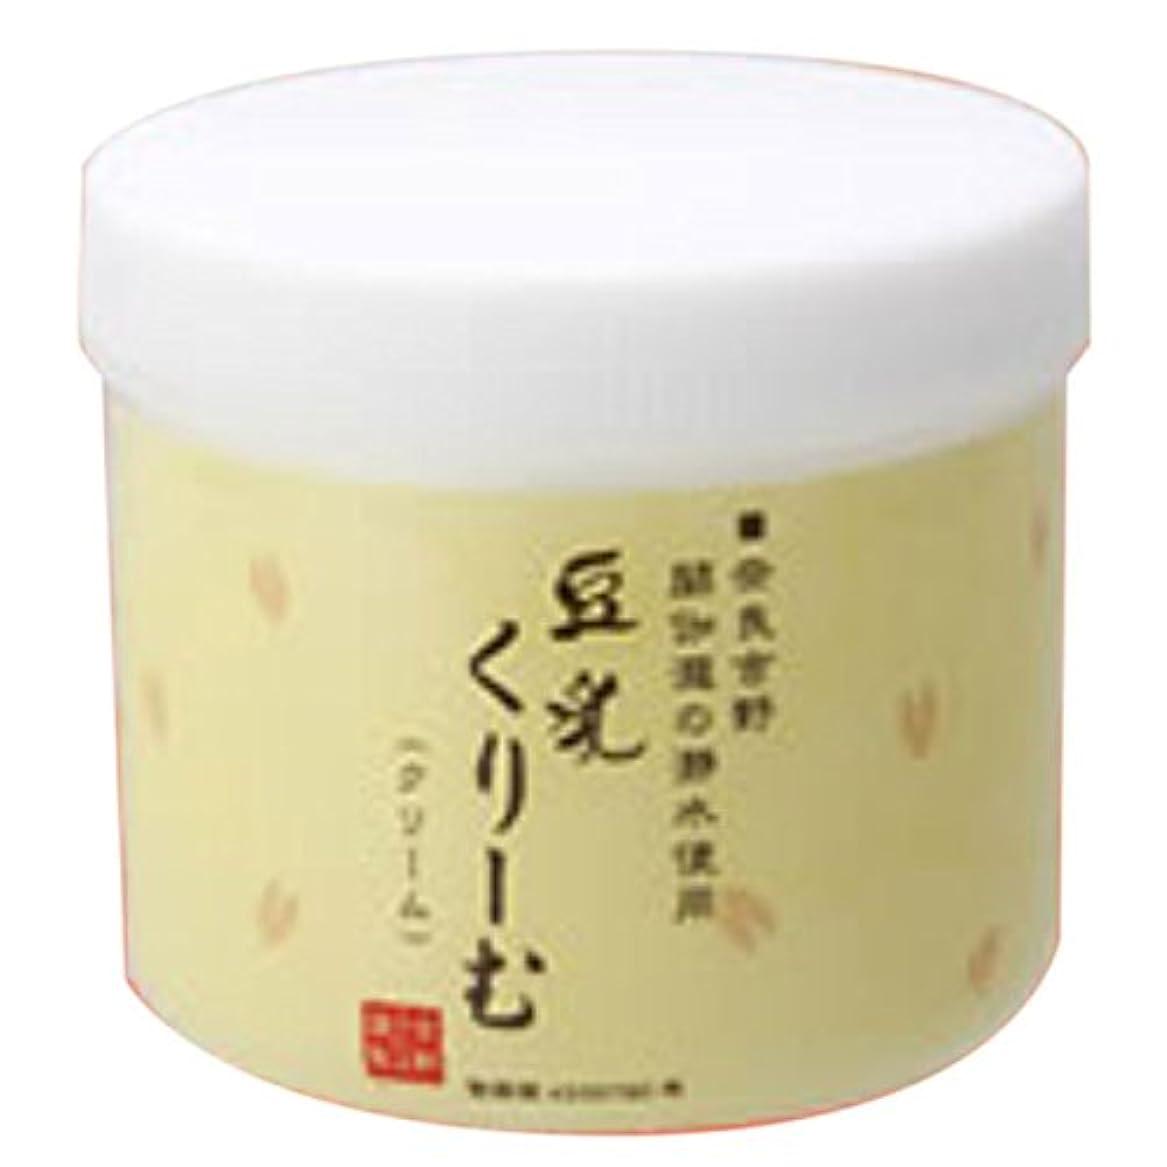 関連付ける氷摂氏吉野ふじや謹製 とうにゅうくりーむ (豆乳美容クリーム) 3個セット